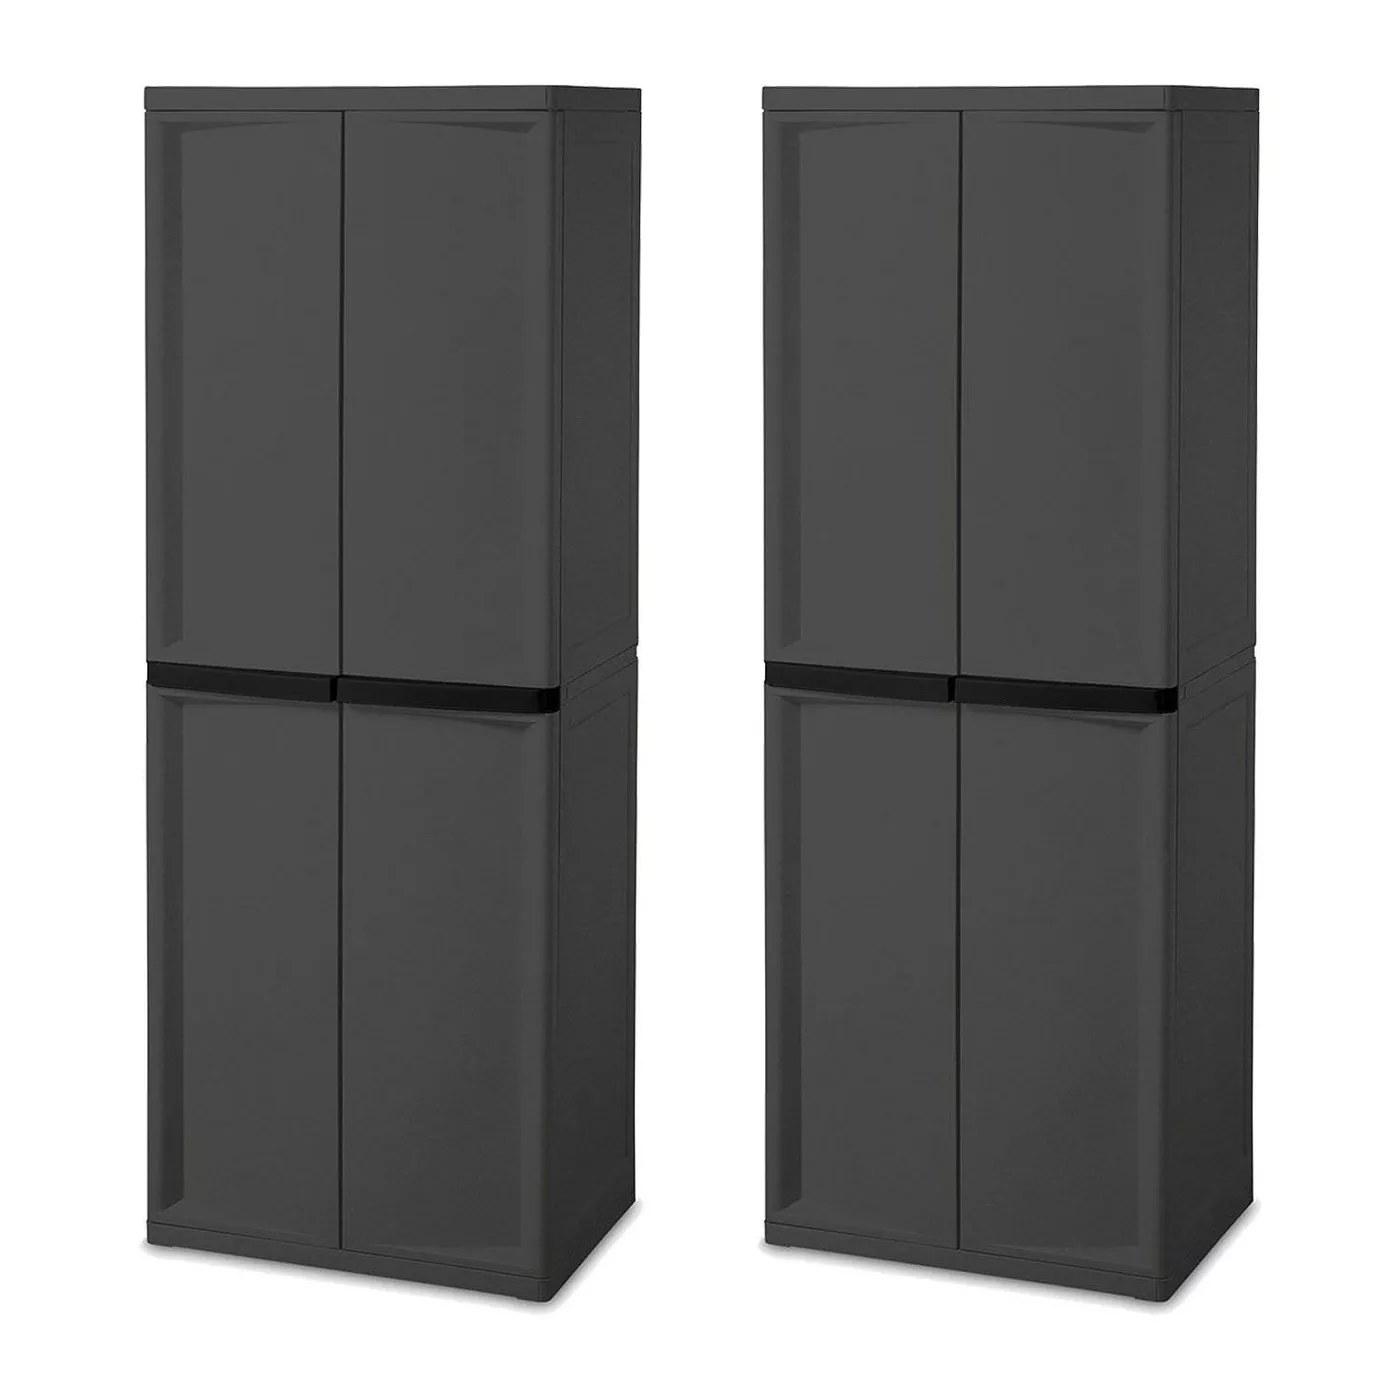 The black 4-shelf storage cabinets